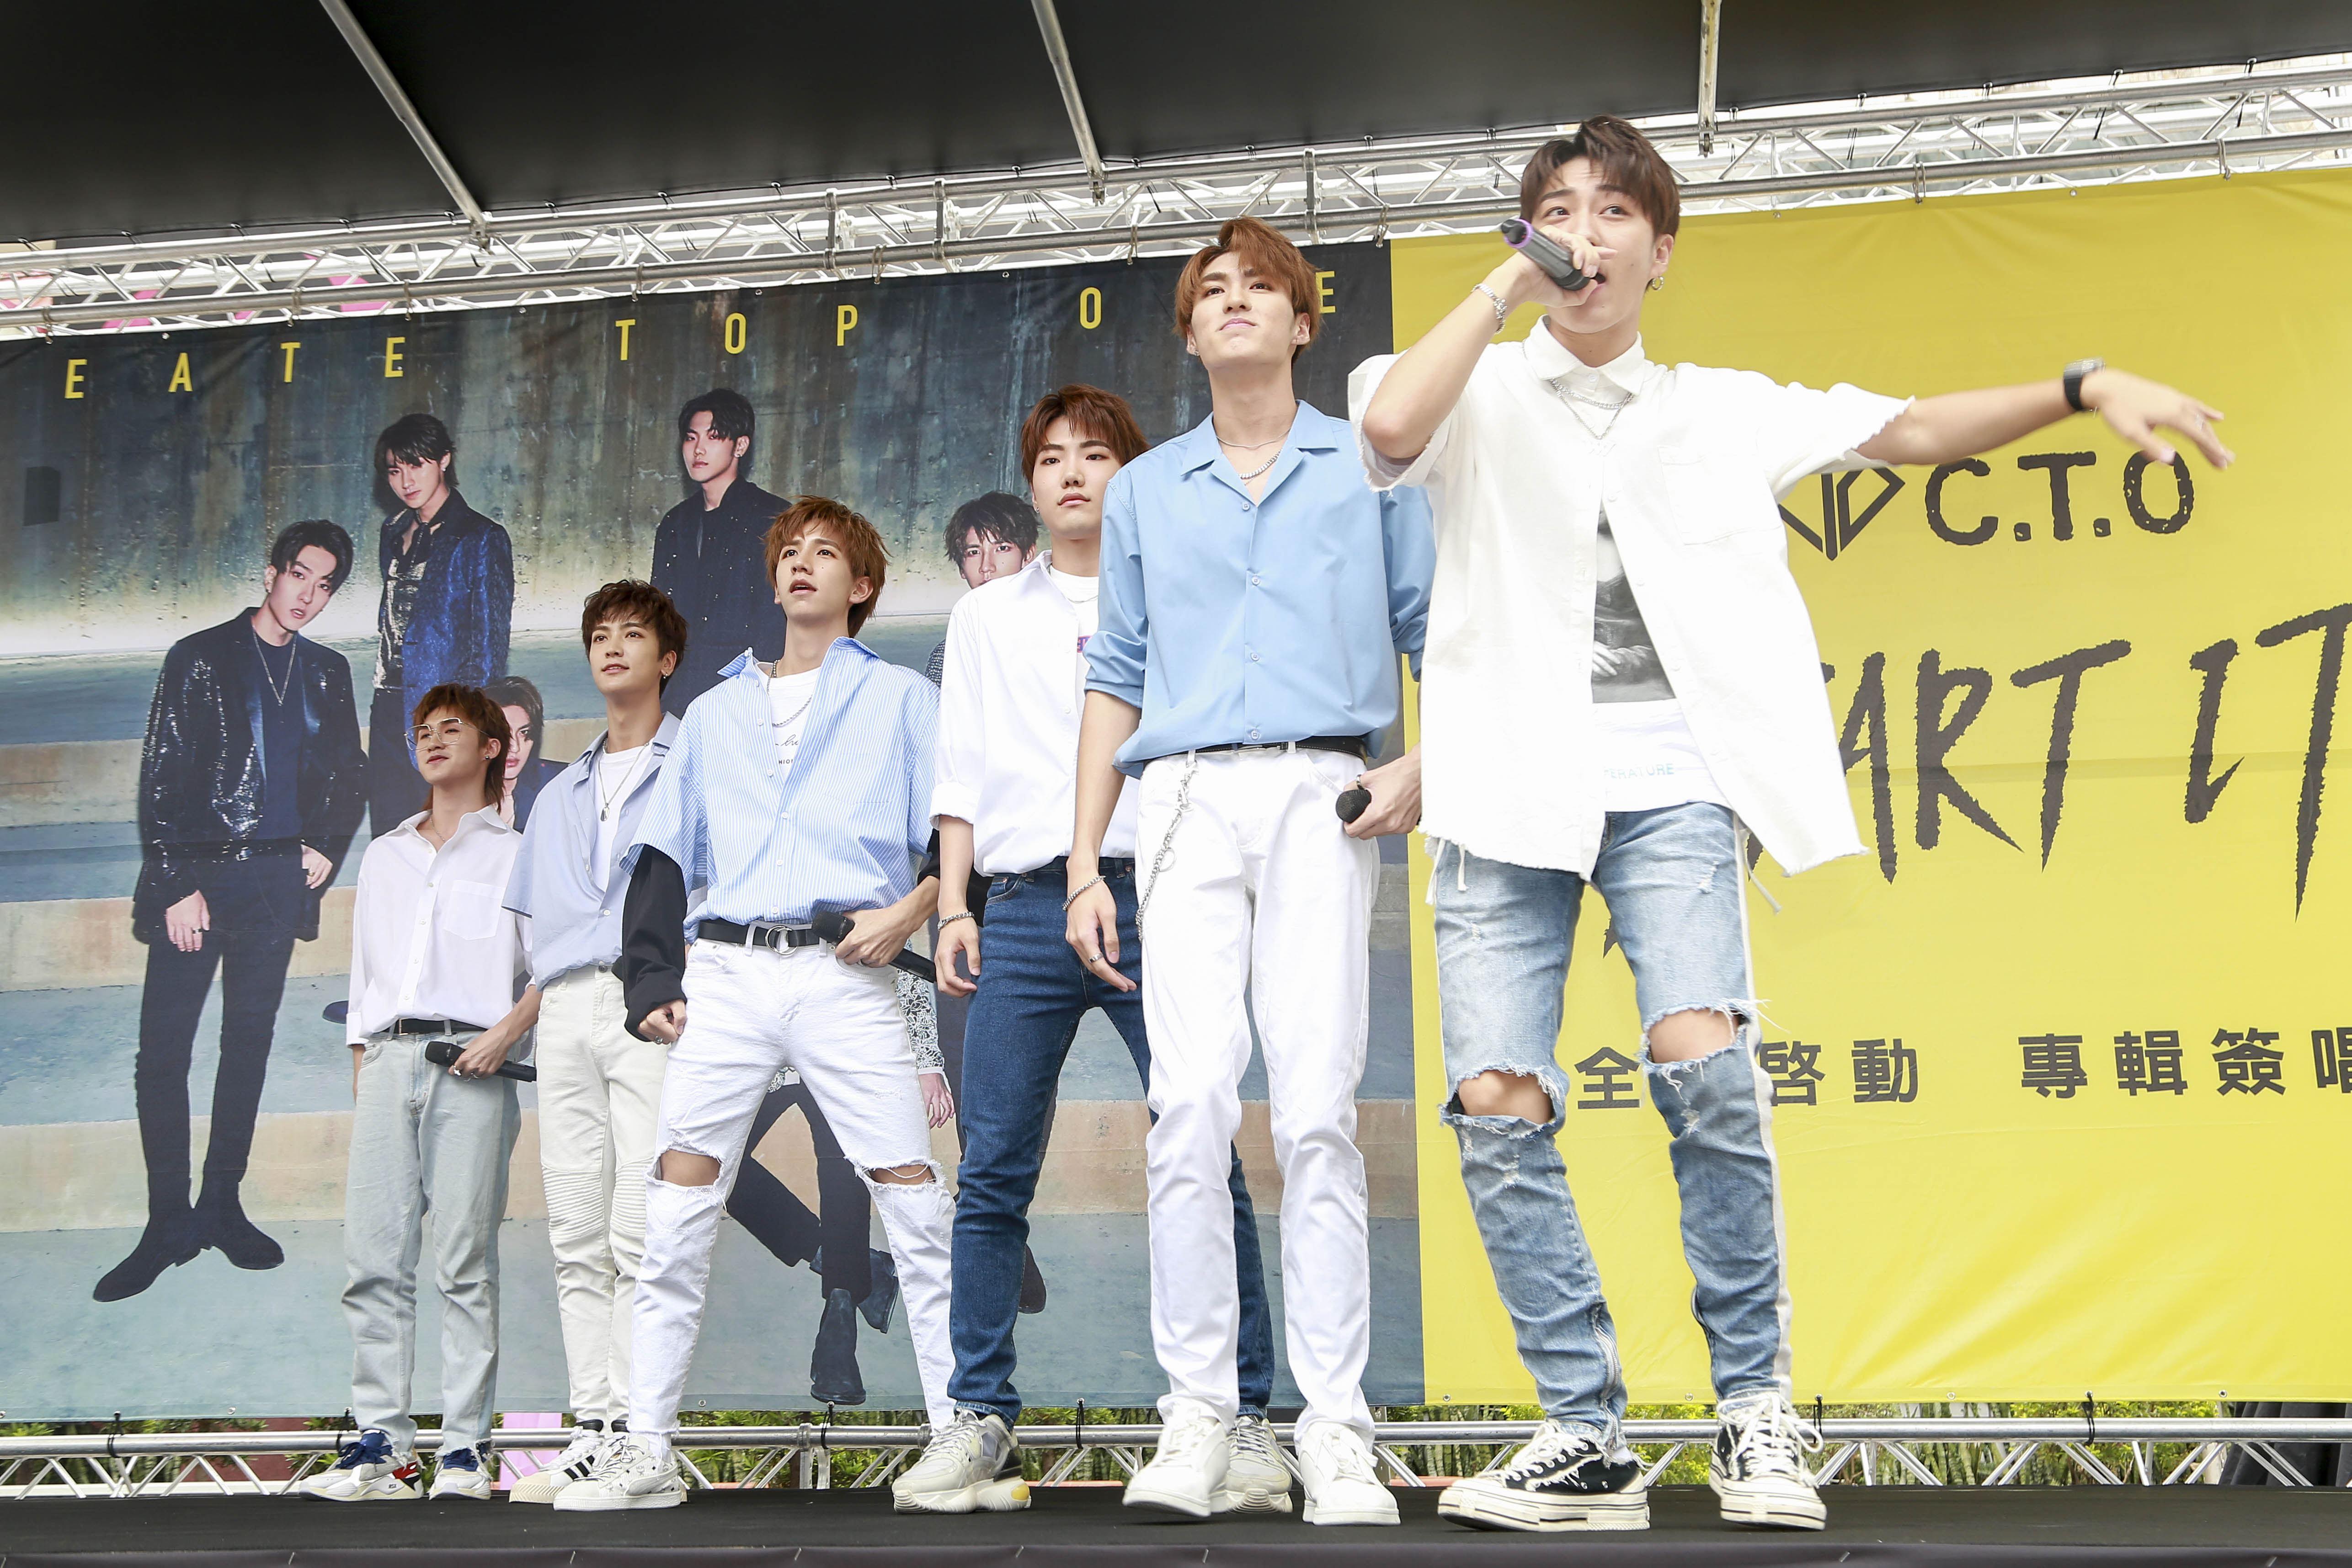 男團C.T.O於西門町舉辦簽唱會。(圖/記者林士傑攝影)